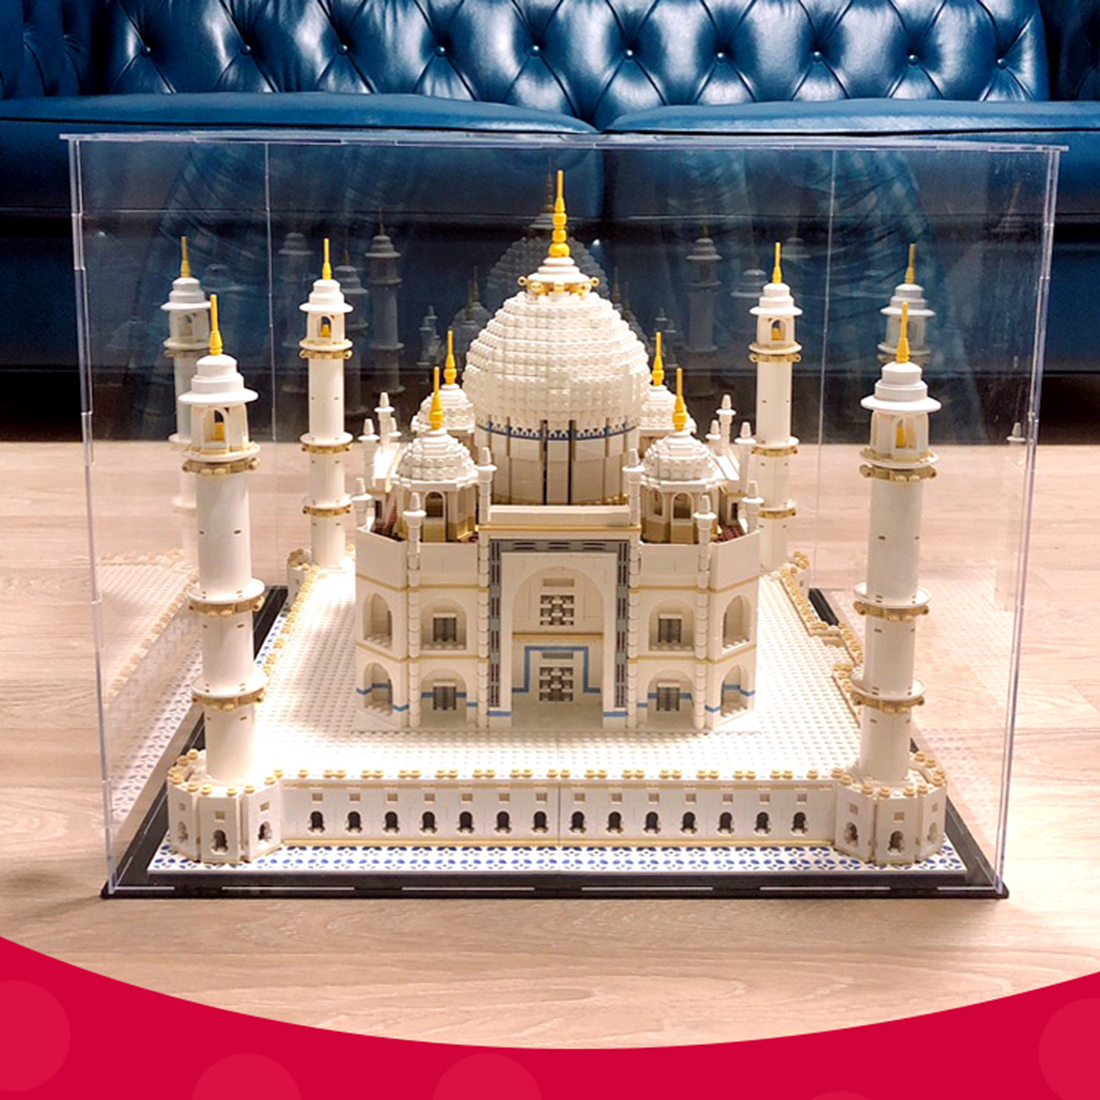 54x54x45 см Акриловая Пылезащитная Витрина Чехол для Taj Mahal 10256 для подарка (только коробка дисплея, без комплекта) черное дно